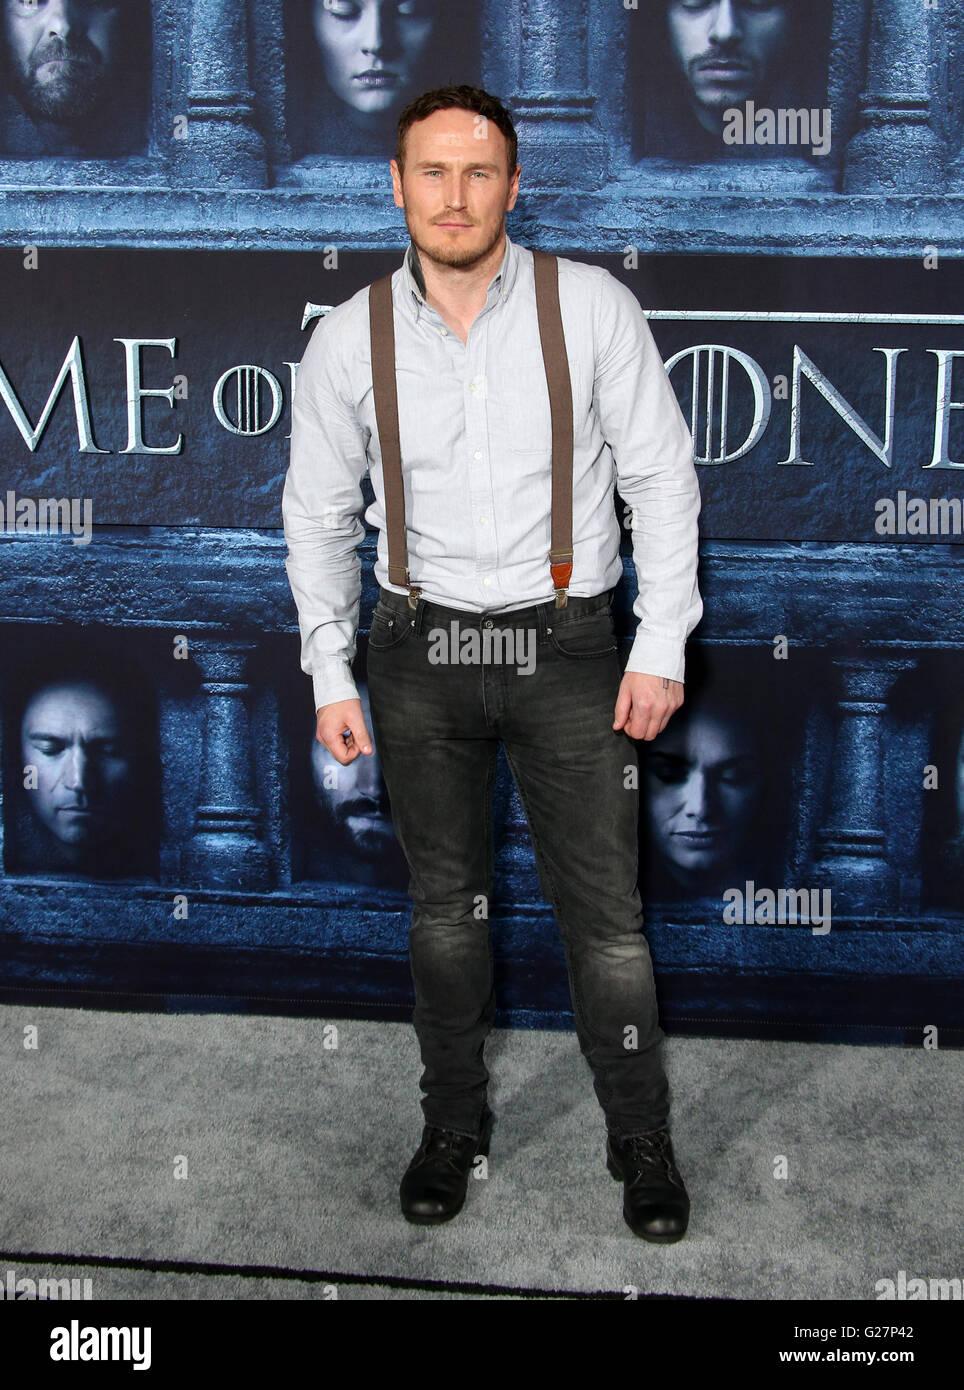 Los Angeles Premiere Für Staffel 6 Von Hbo Serie Game Of Thrones